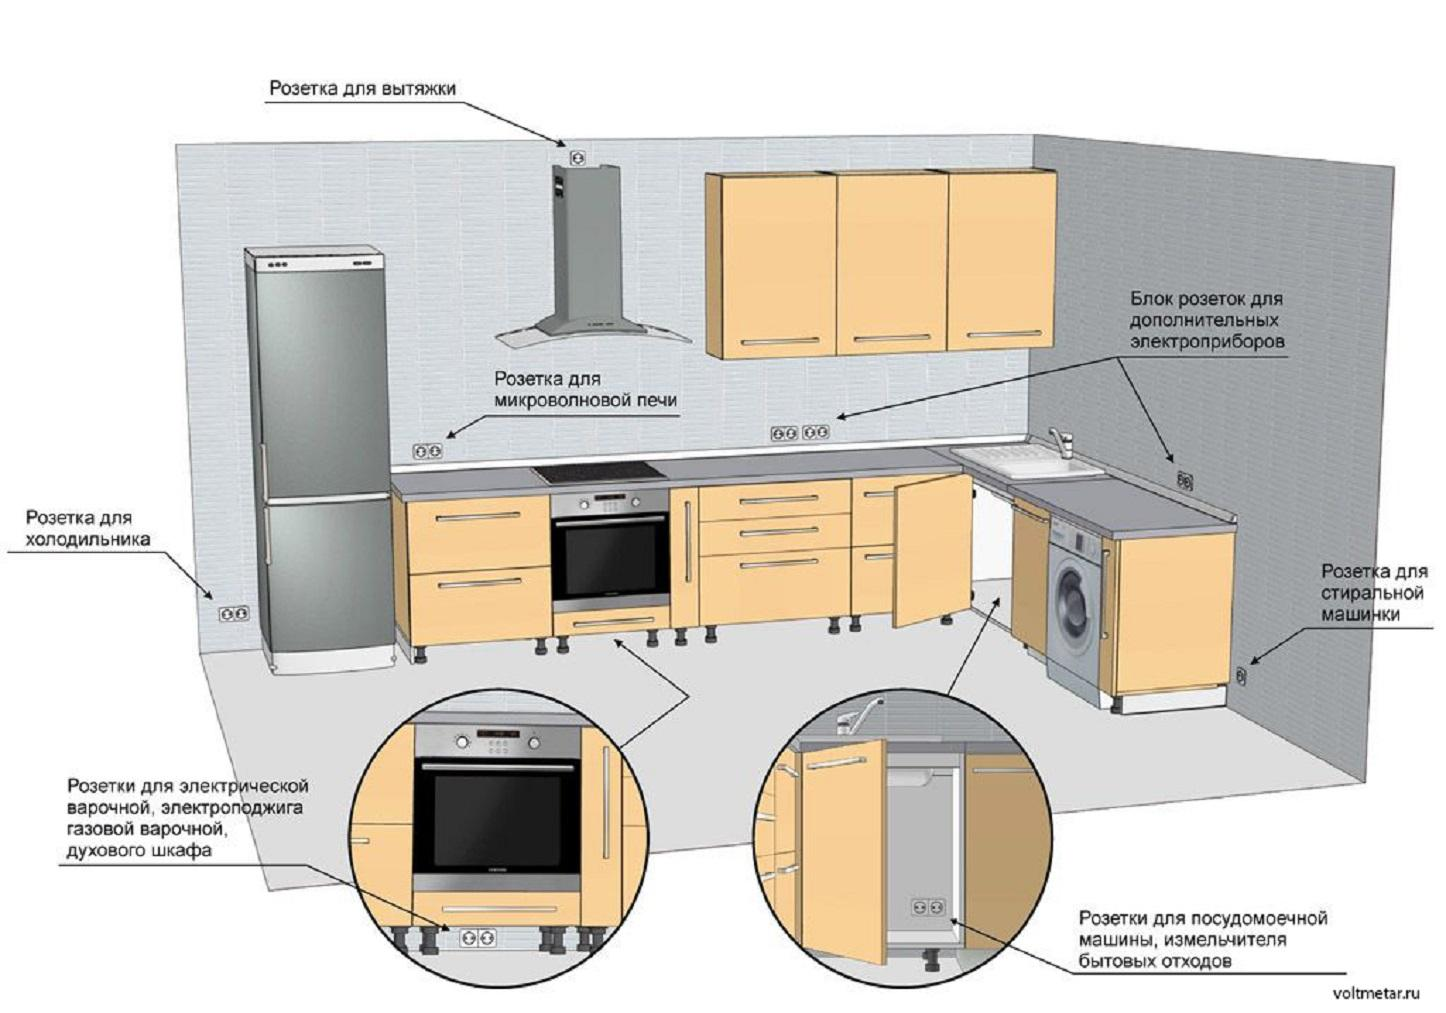 потребители электроэнергии на кухне